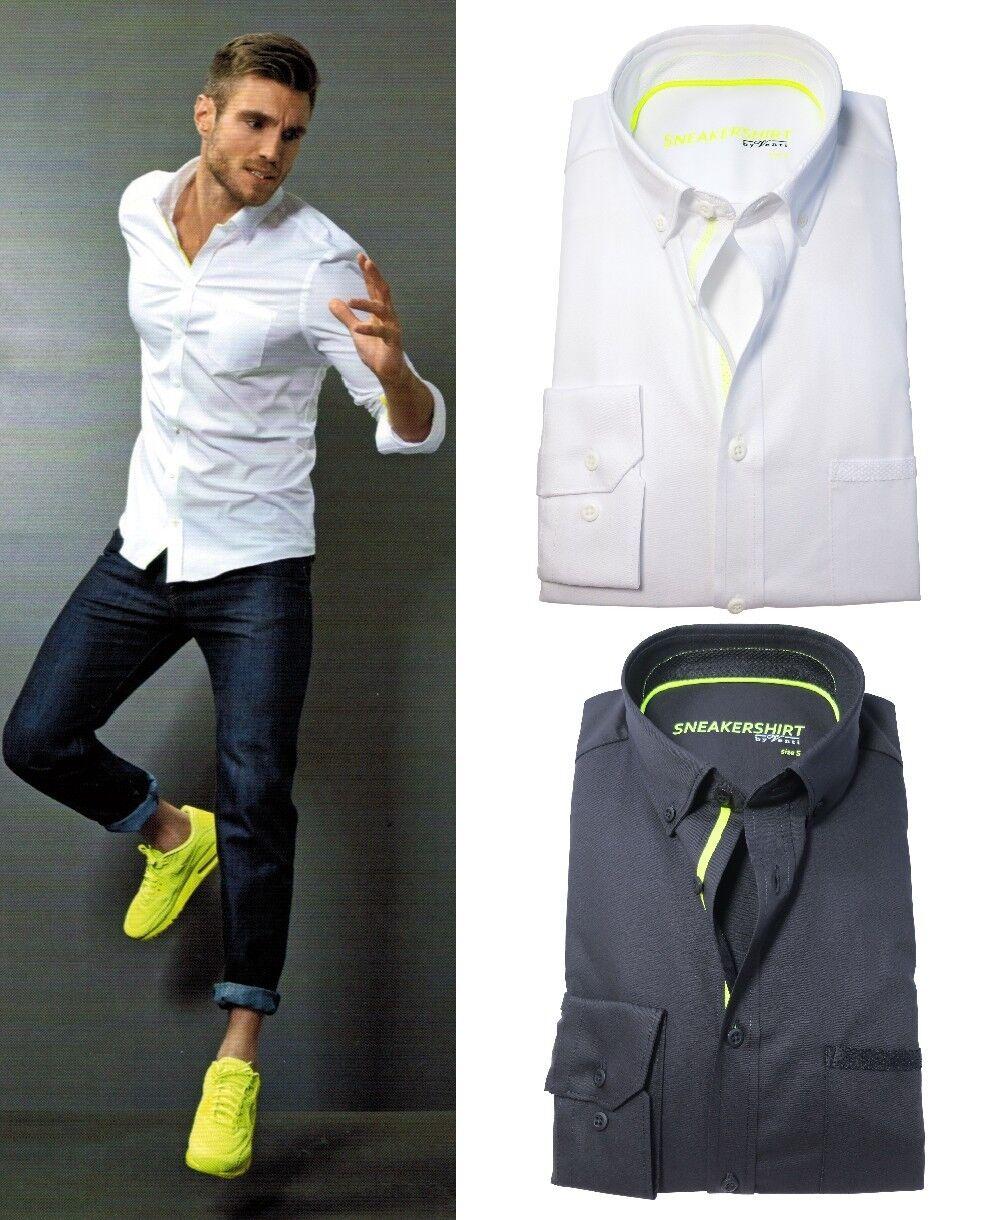 Venti TurnschuheHIRT Slim Fit Langarmhemd weiss schwarz 4-Wege Stretch M bis 3XL  | Nicht so teuer